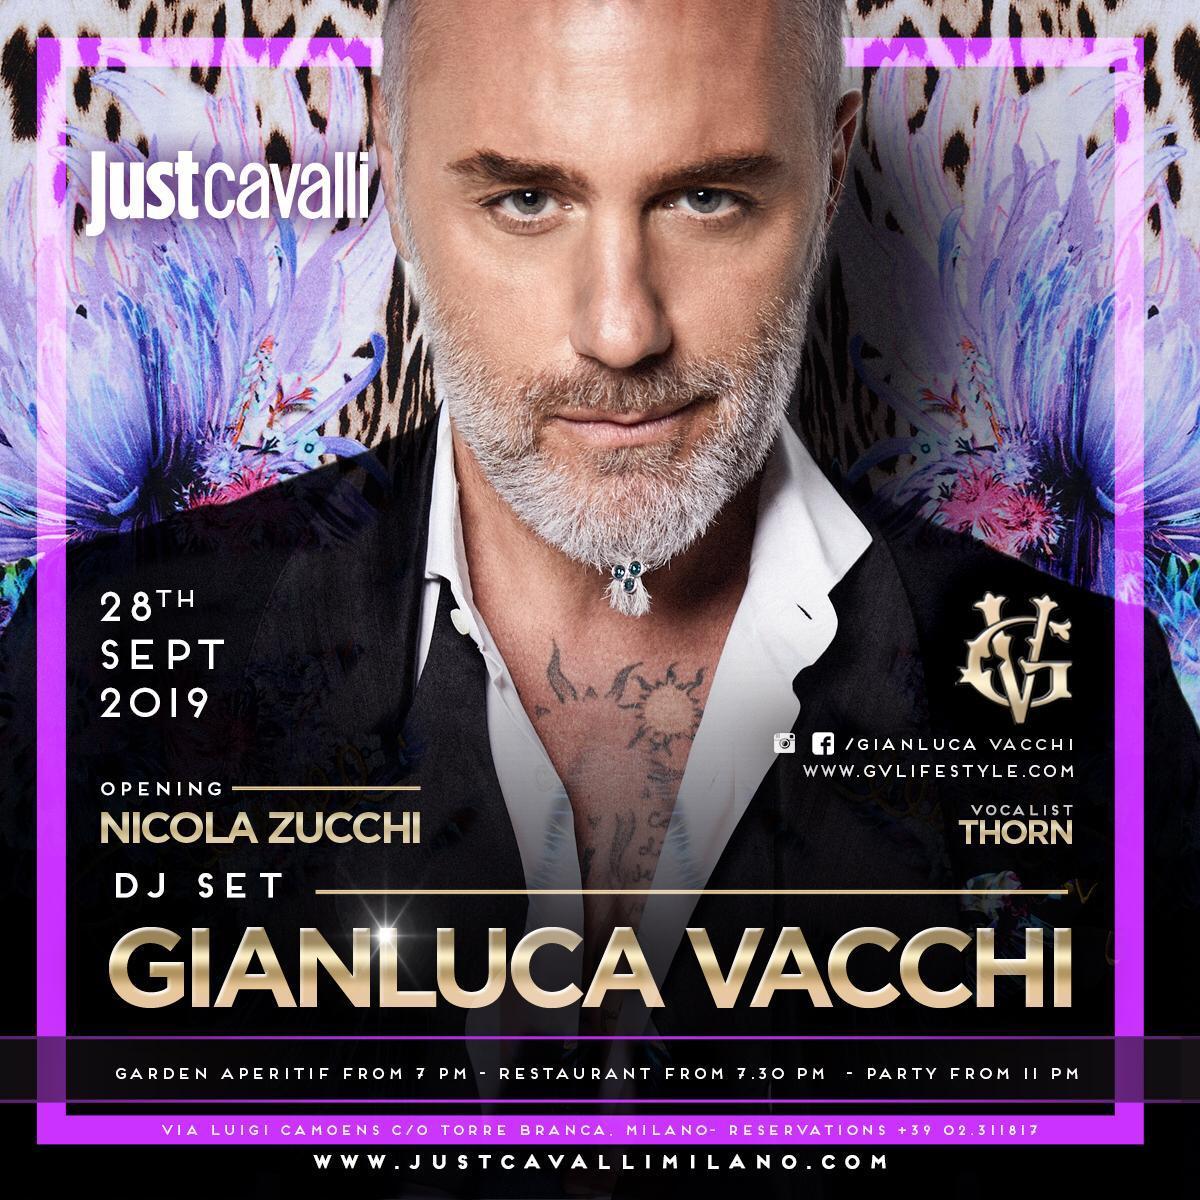 Foto: Gianluca Vacchi Just Cavalli Milano Sabato 28 Settembre